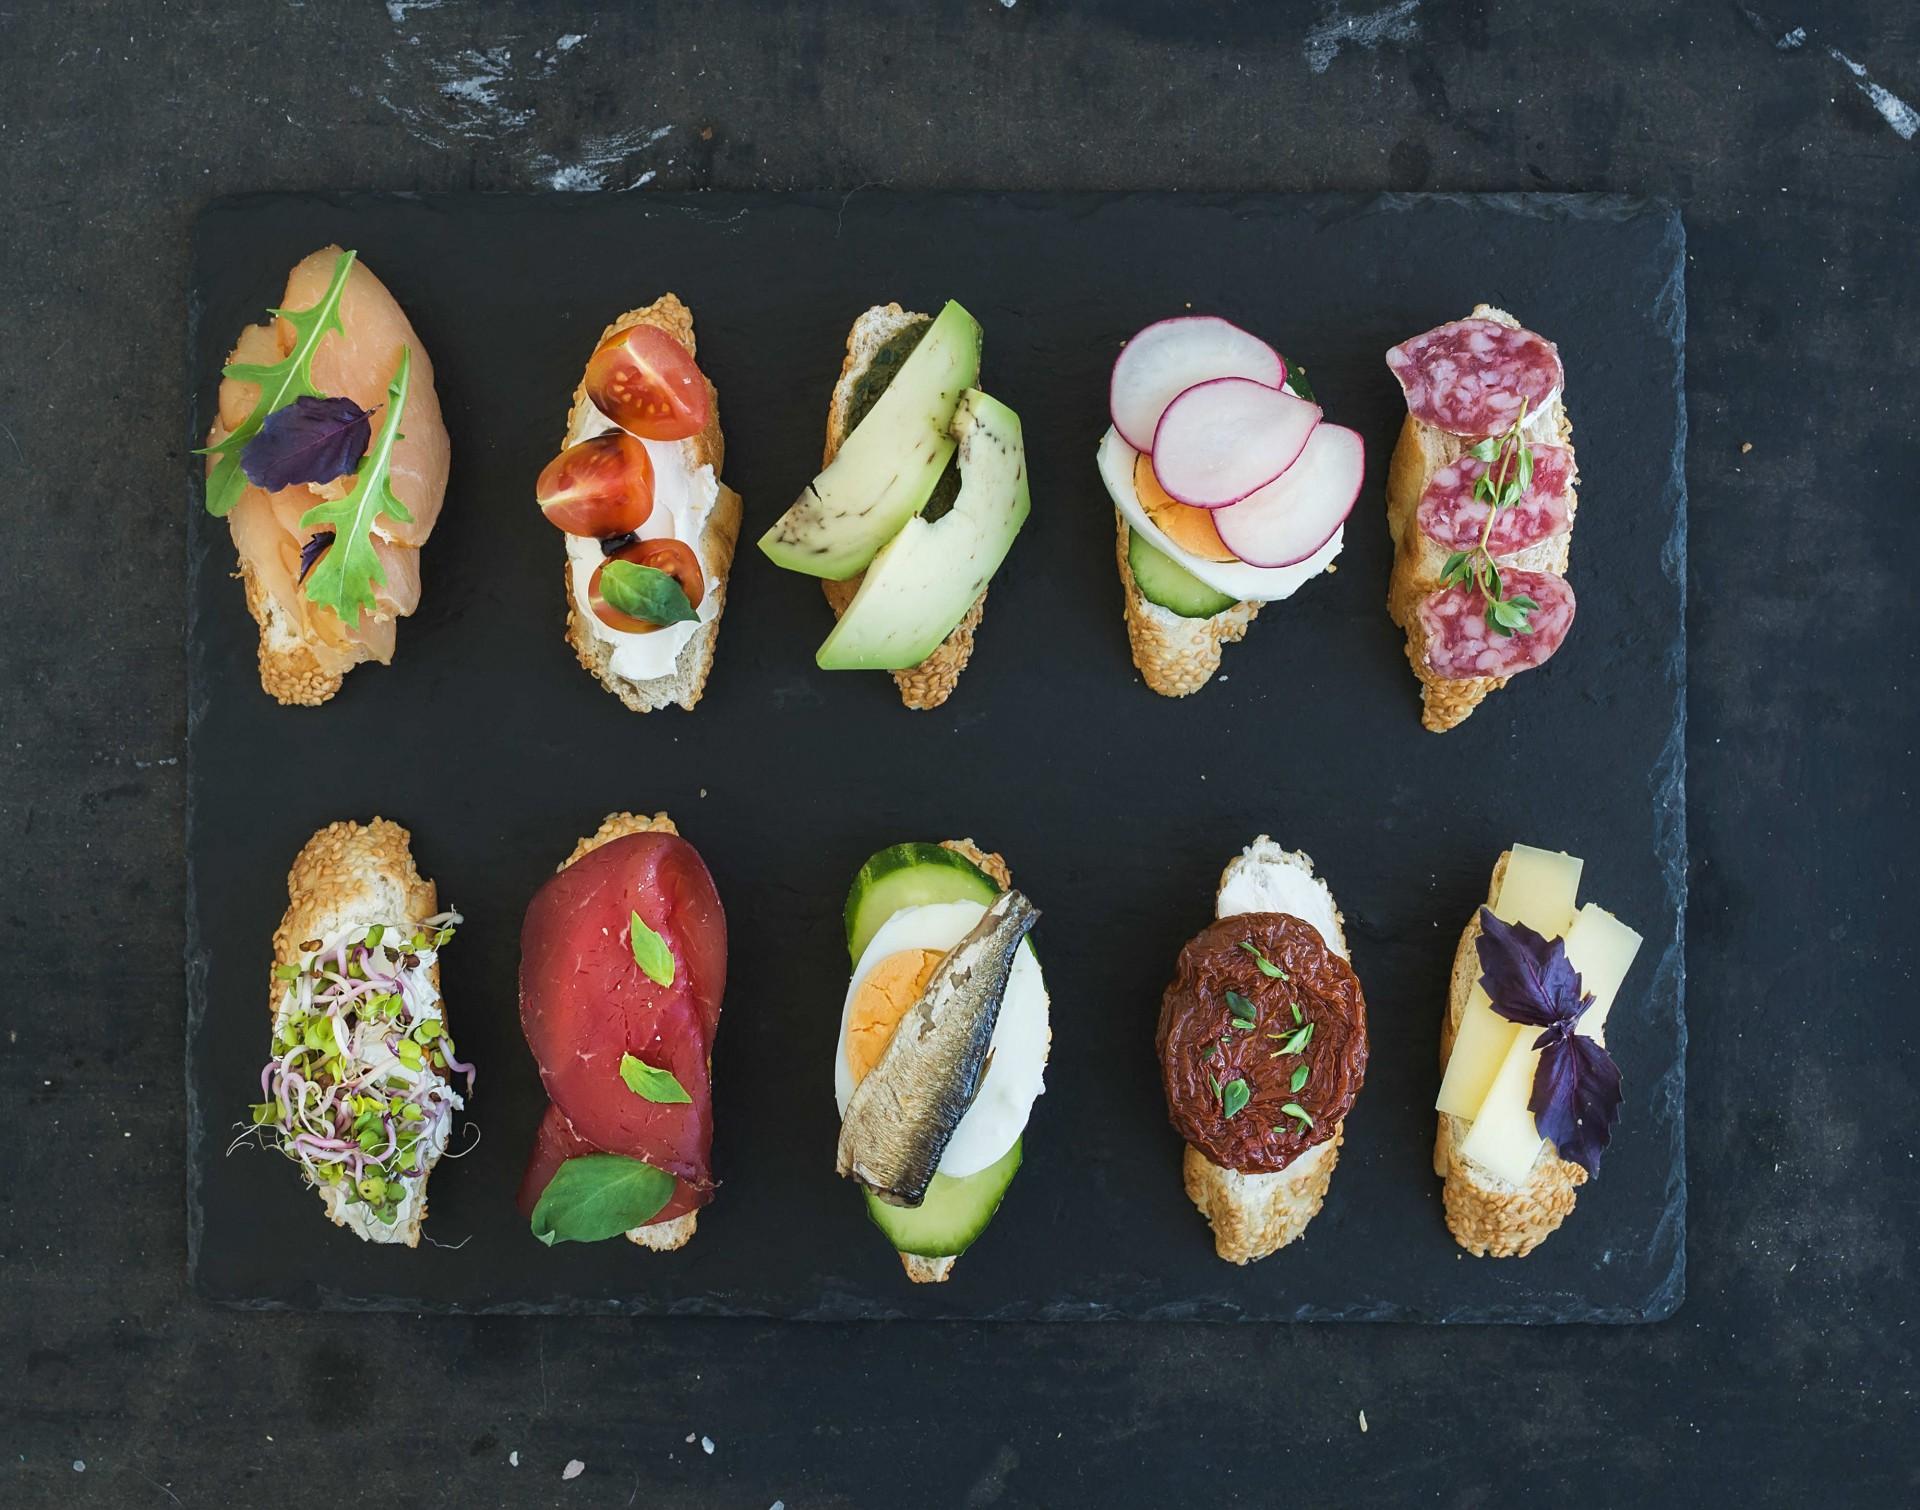 Tapas przyrządza się z rozmaitych składników: warzyw, mięs, owoców morza, jajek